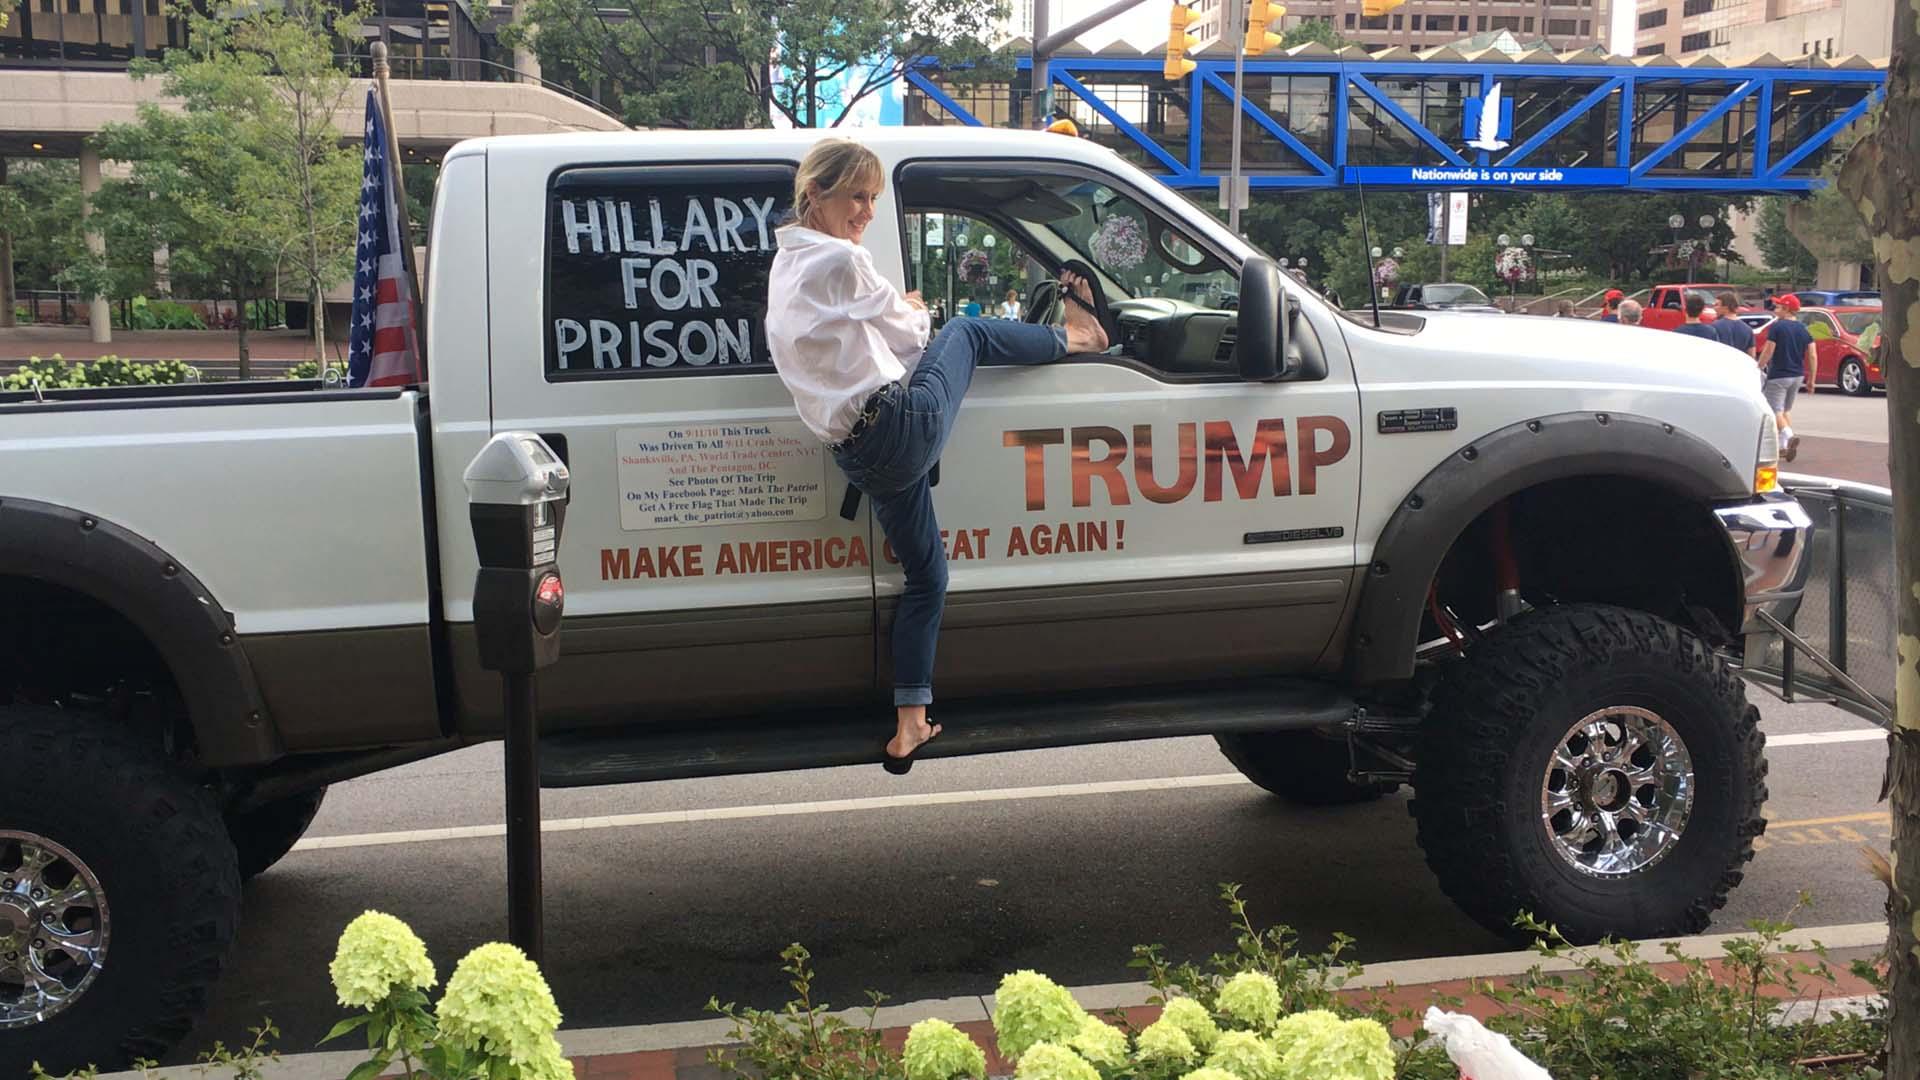 Trump pickup truck